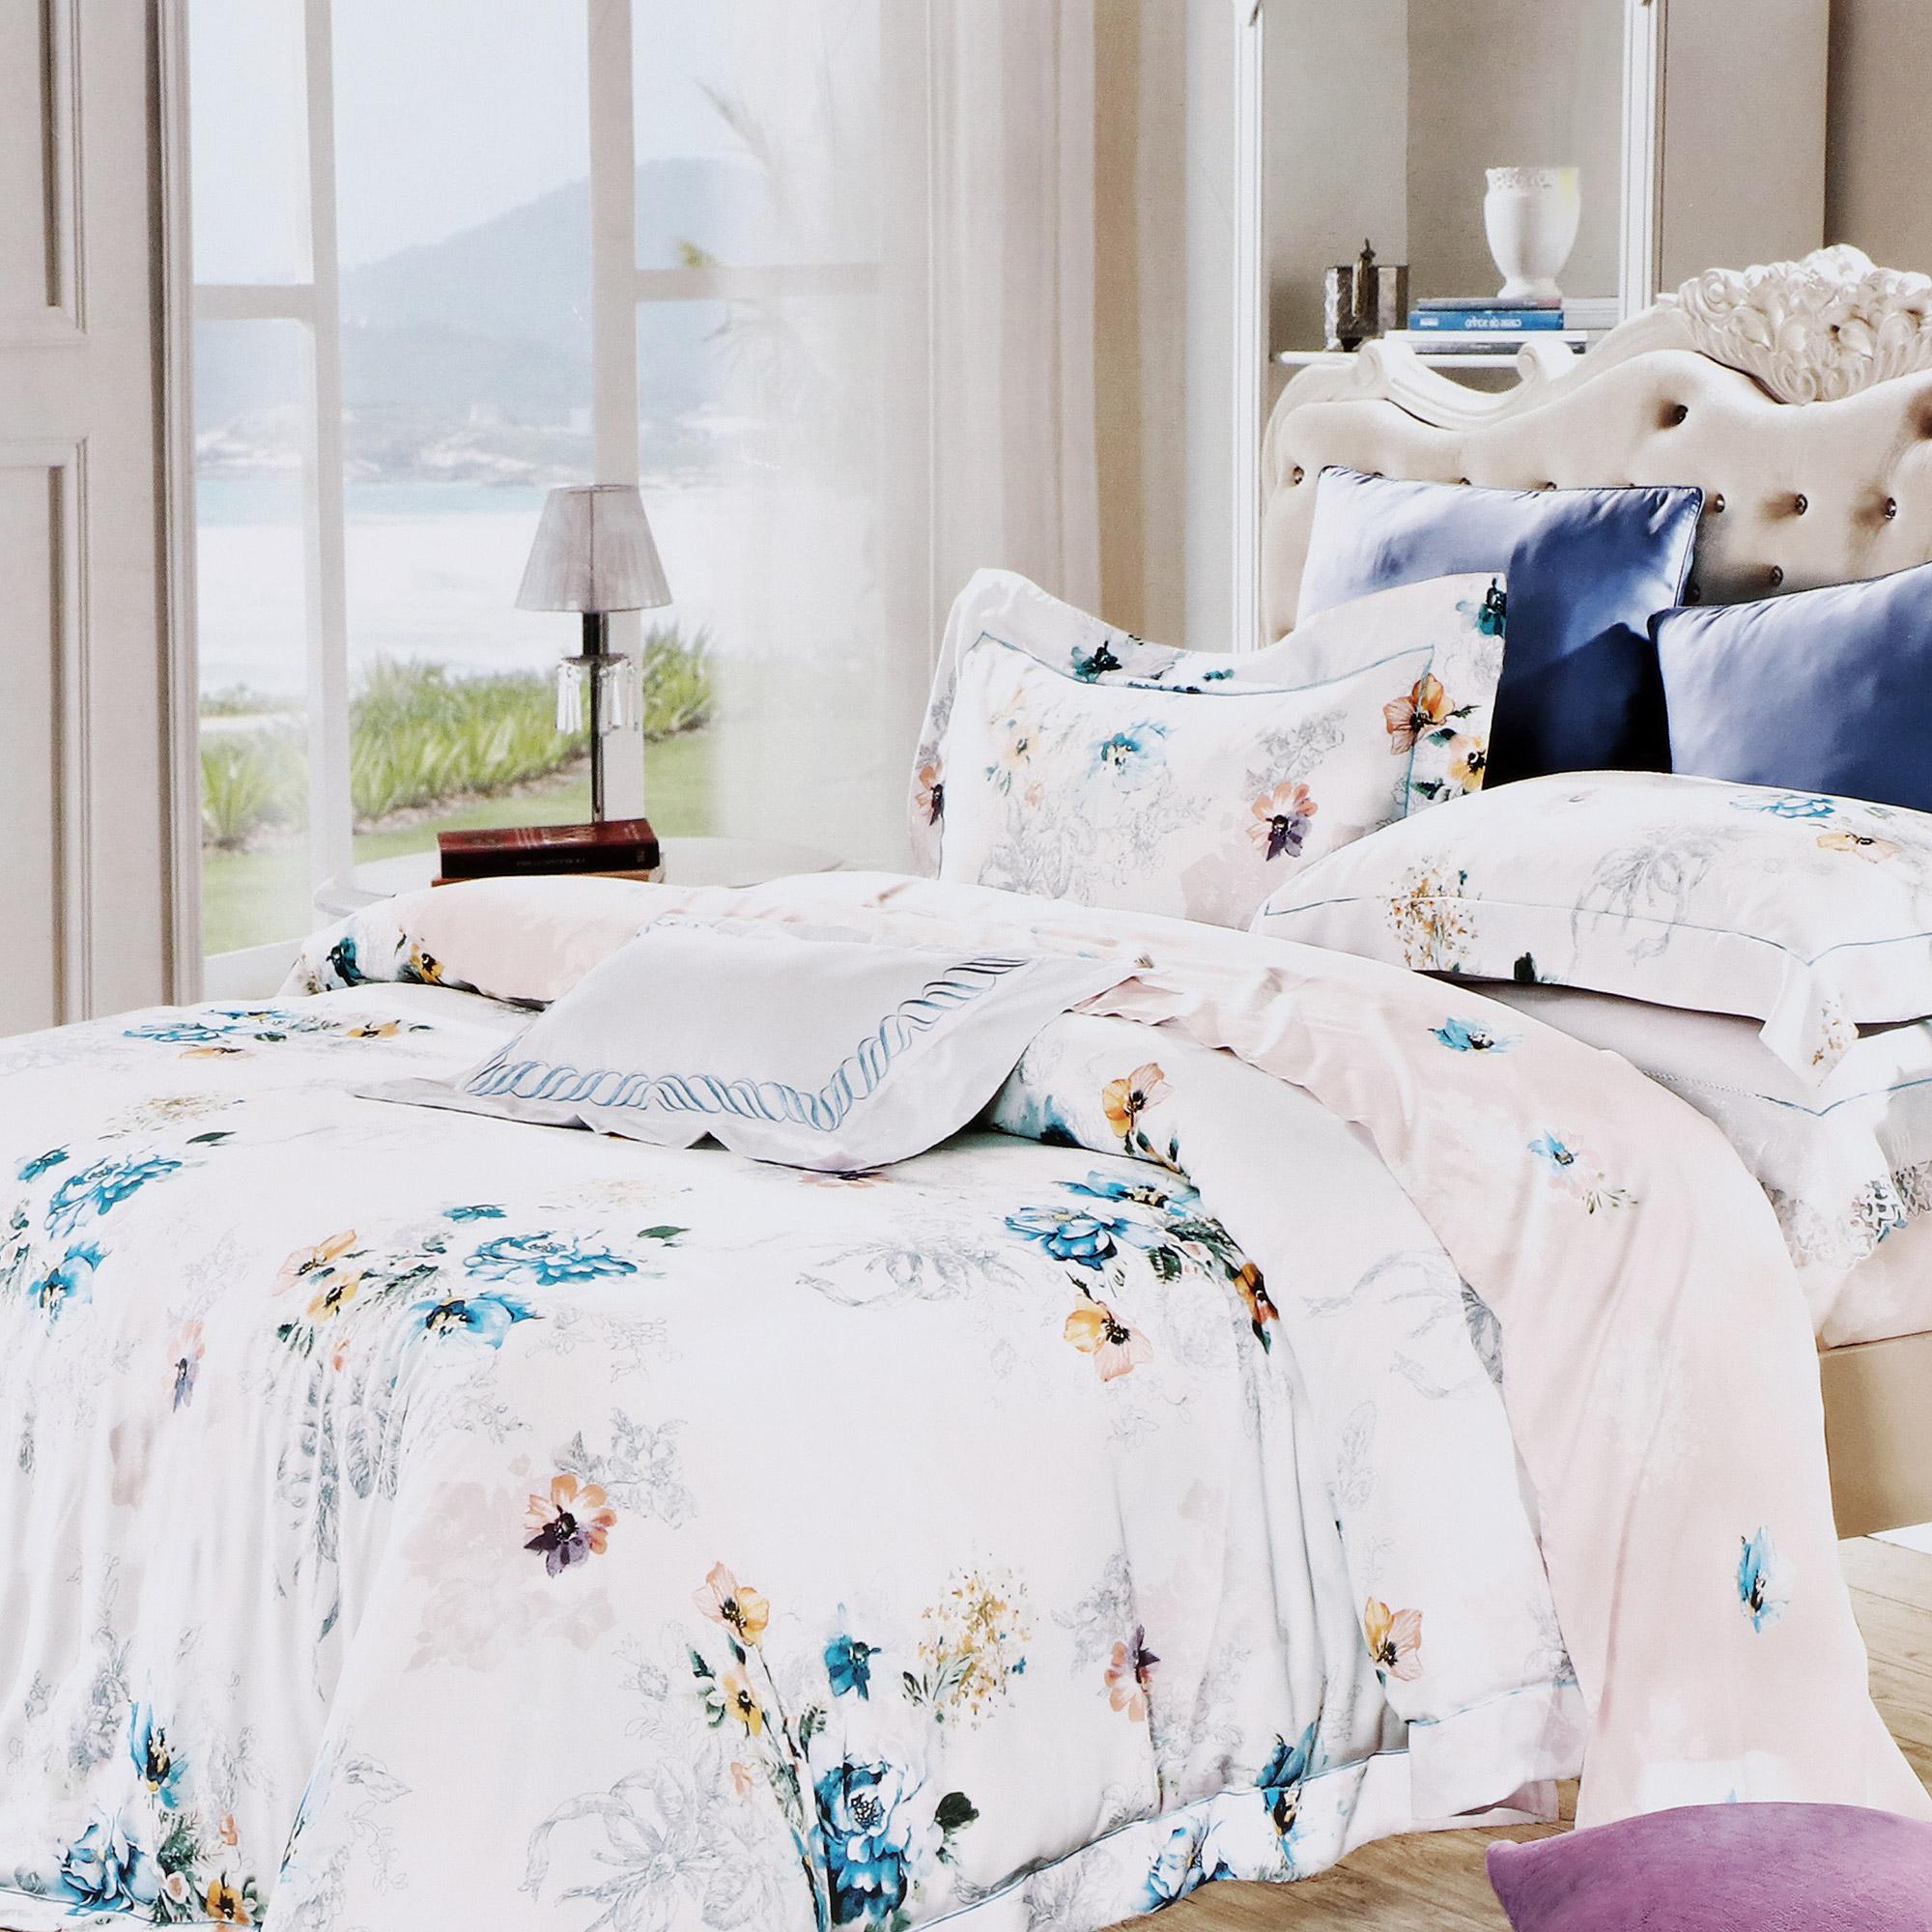 Купить Постельный комплект D'loale семейный, постельный комплект, Франция, цветной, тенсель